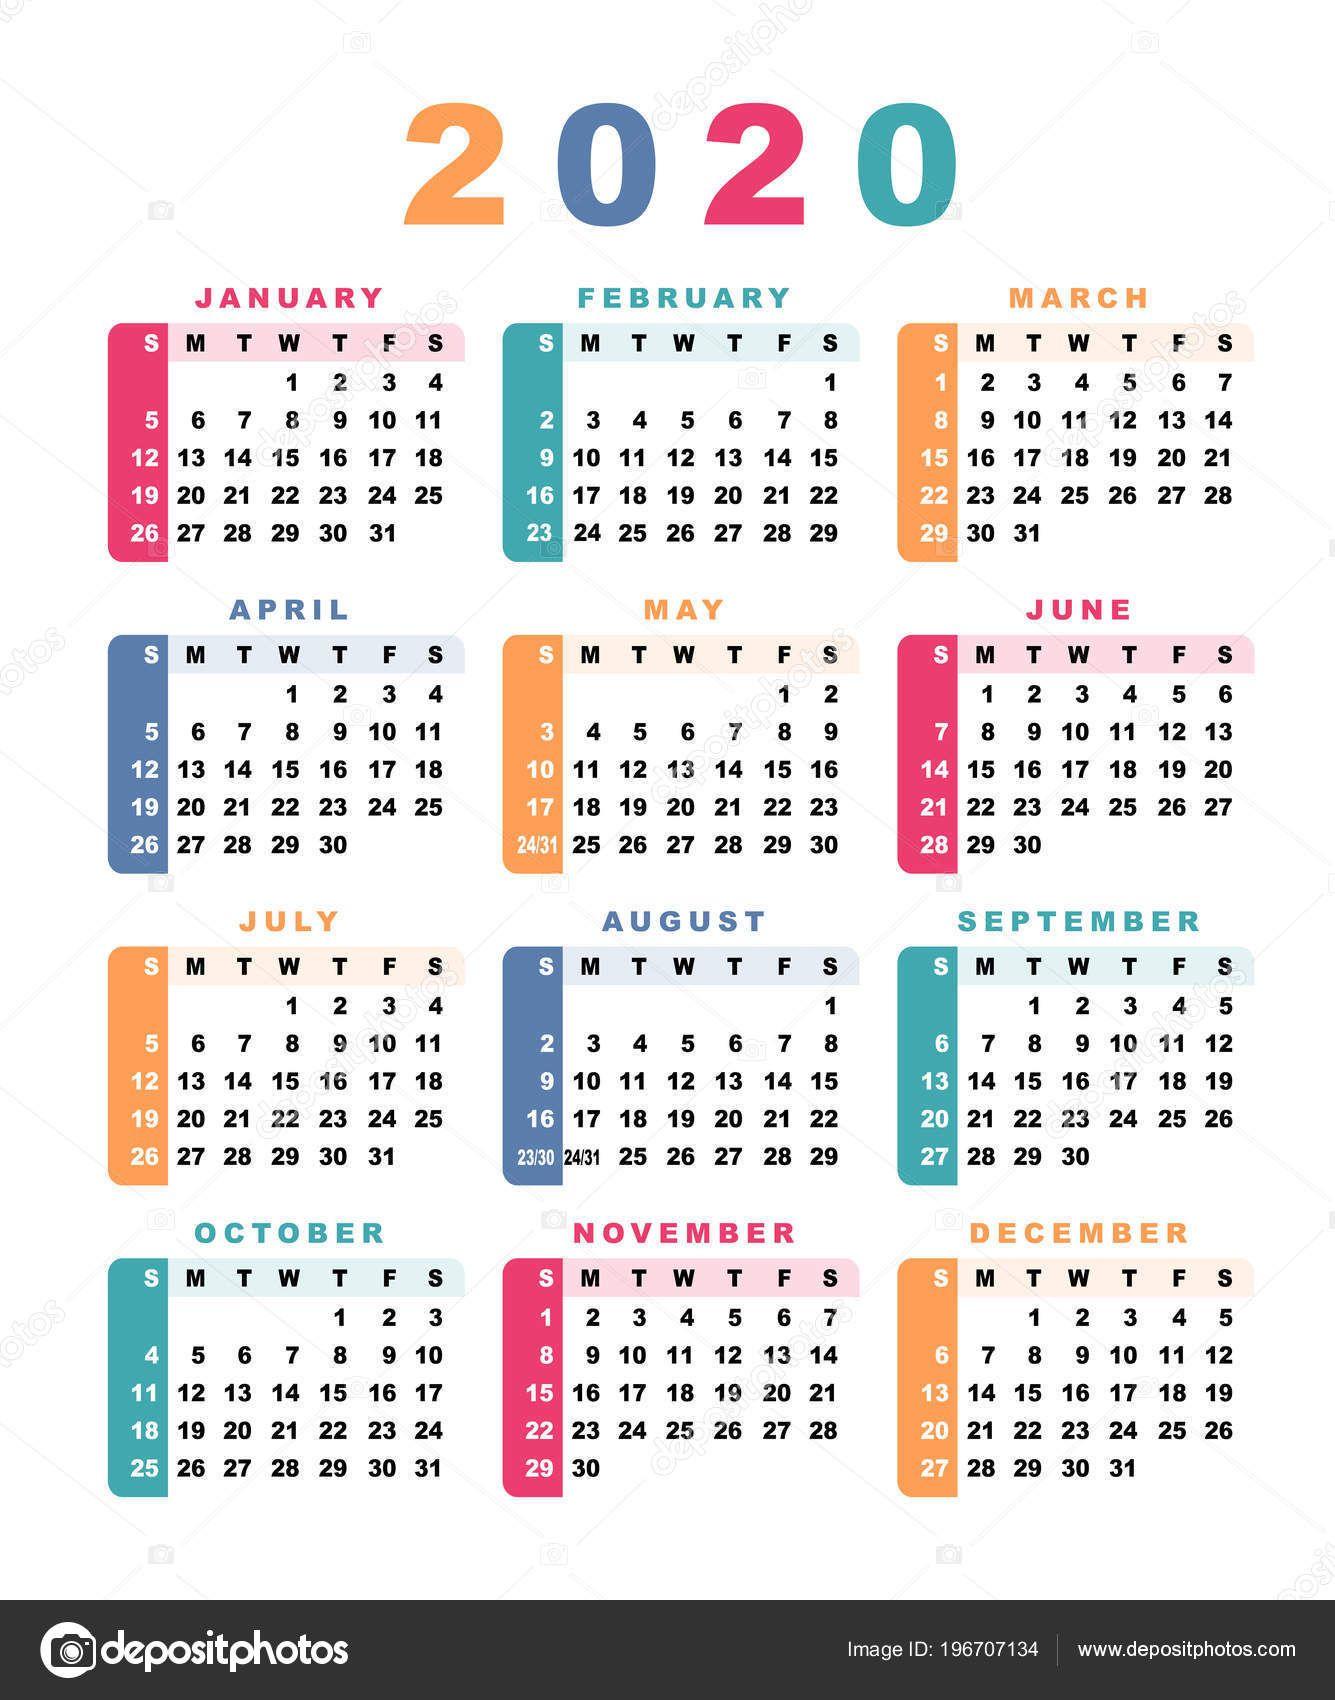 Calendario 2020 Portugues Com Feriados.Resultado De Imagem Para Calendario 2020 Em Portugues Do